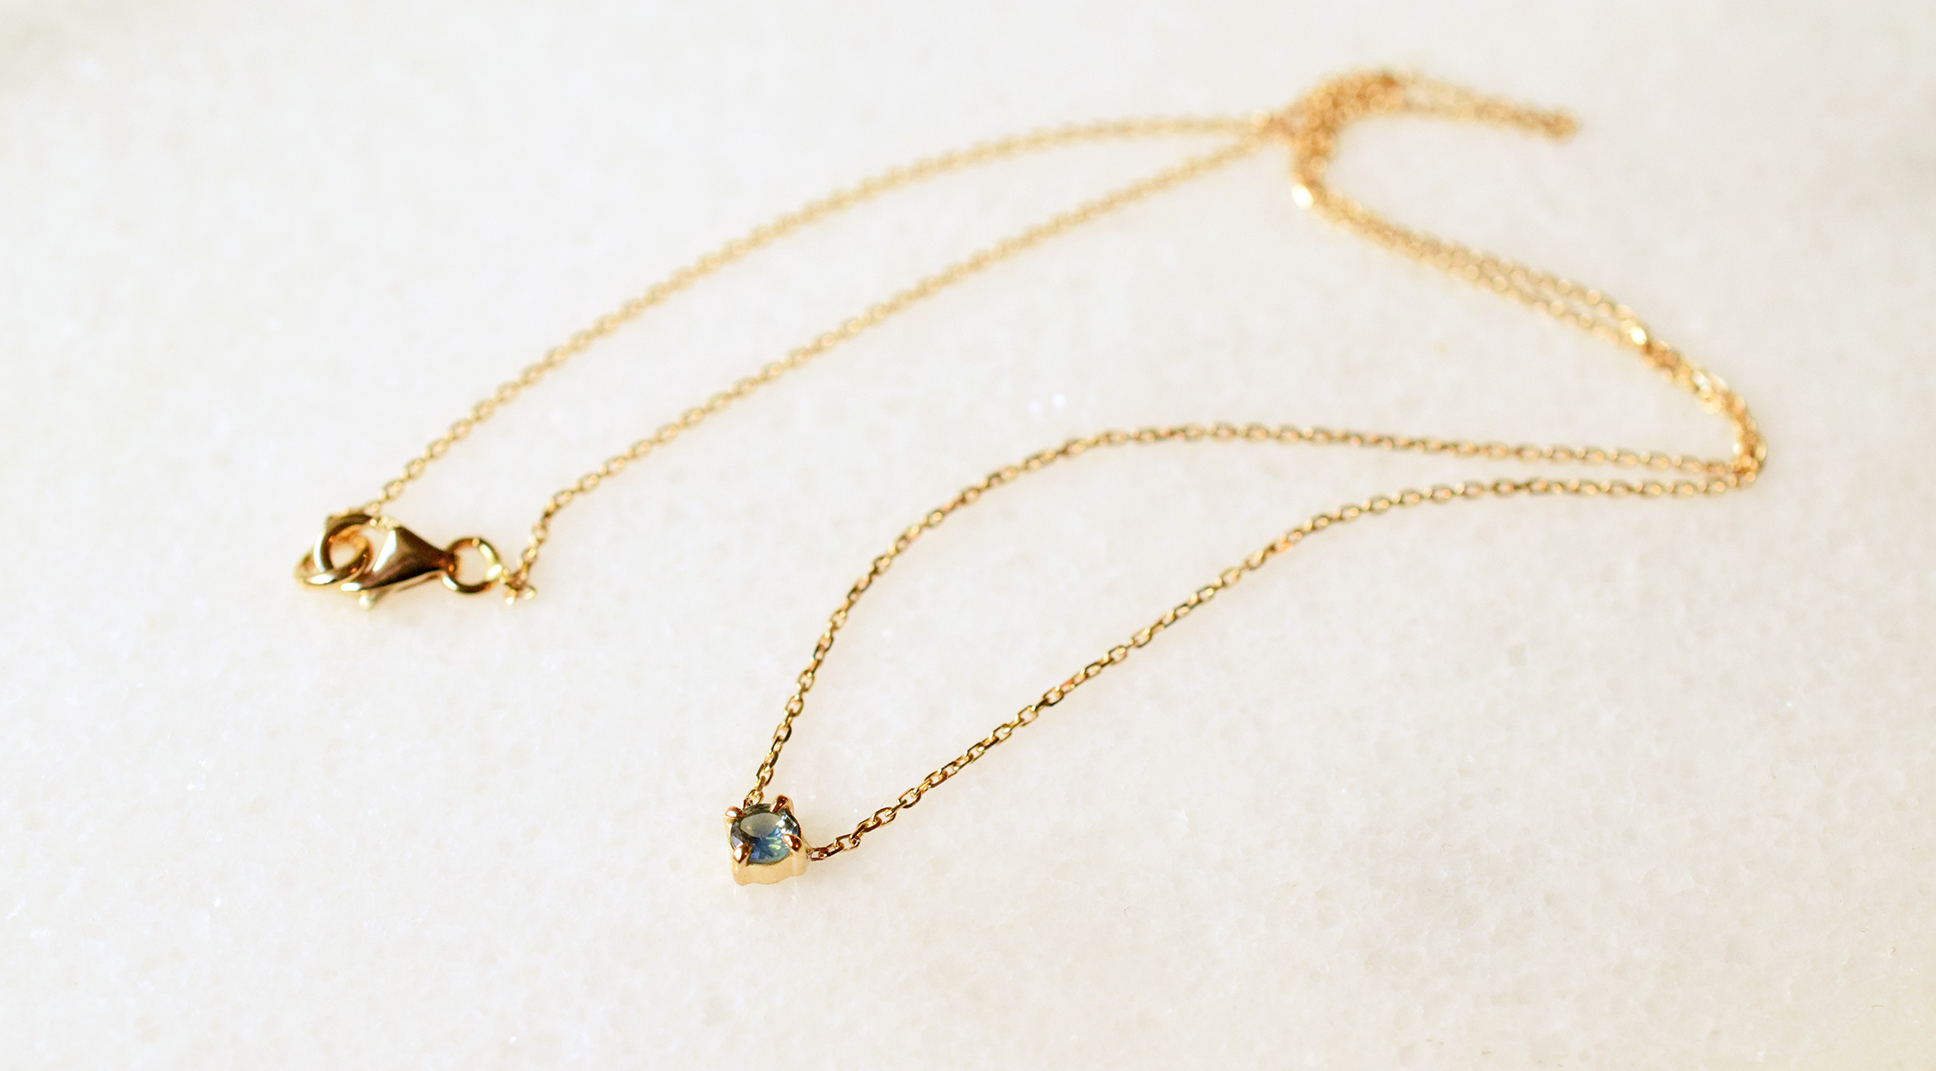 collier fin or saphir bijoux lyon